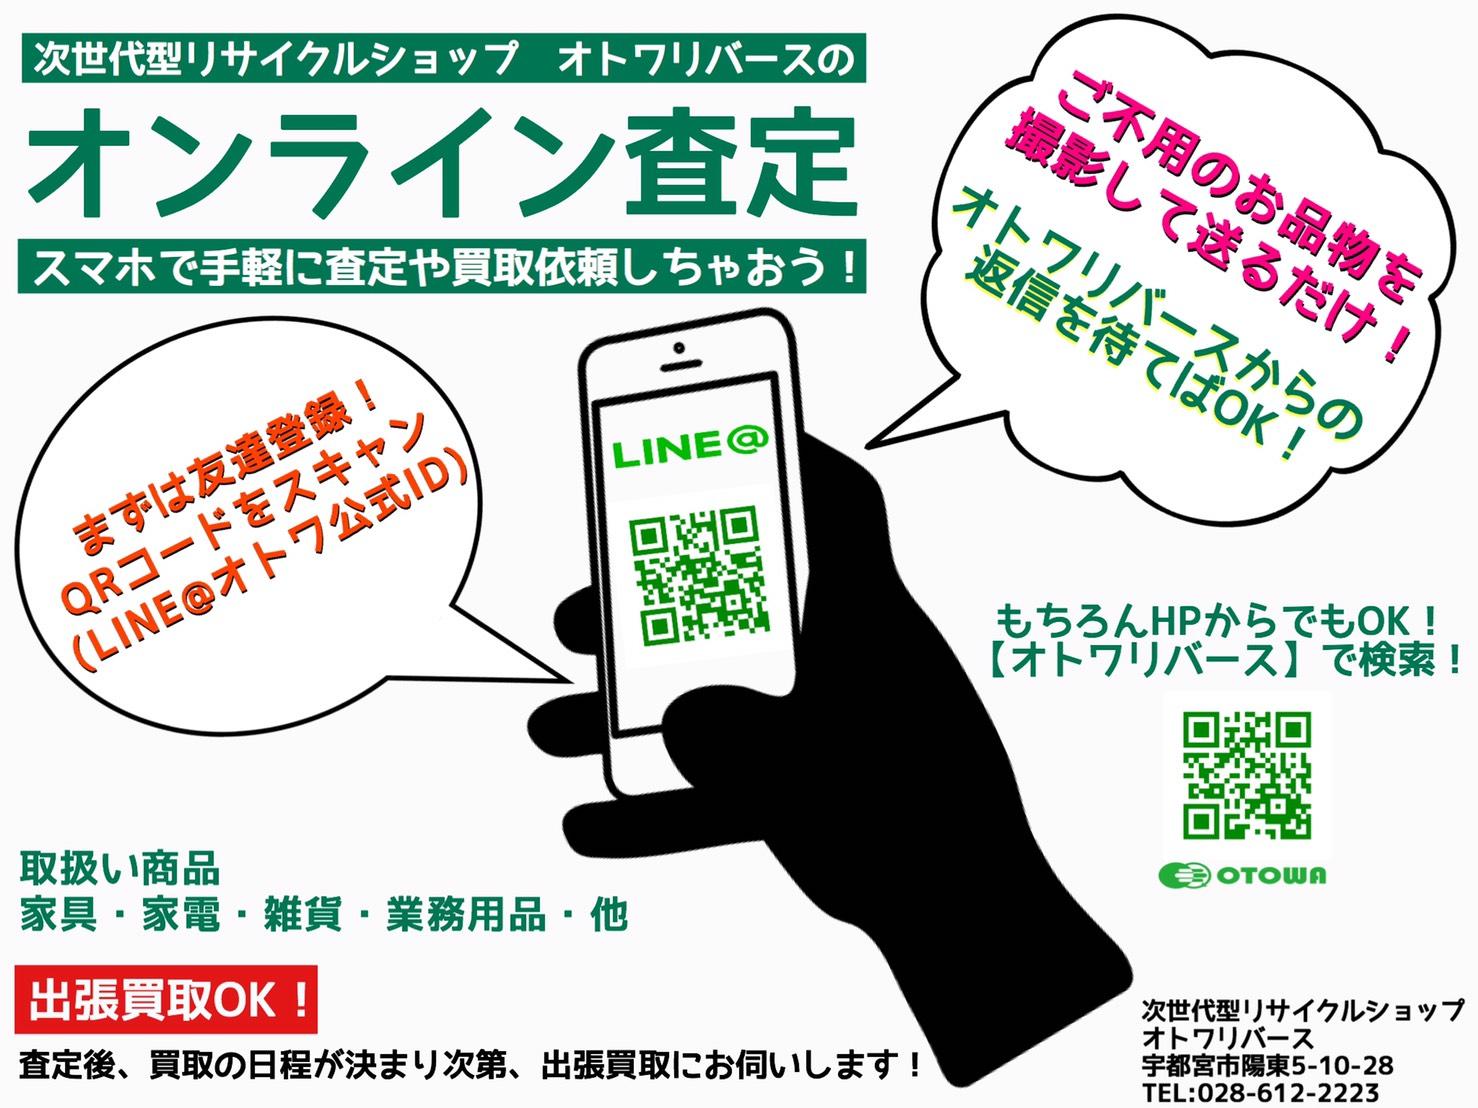 宇都宮 オンライン査定